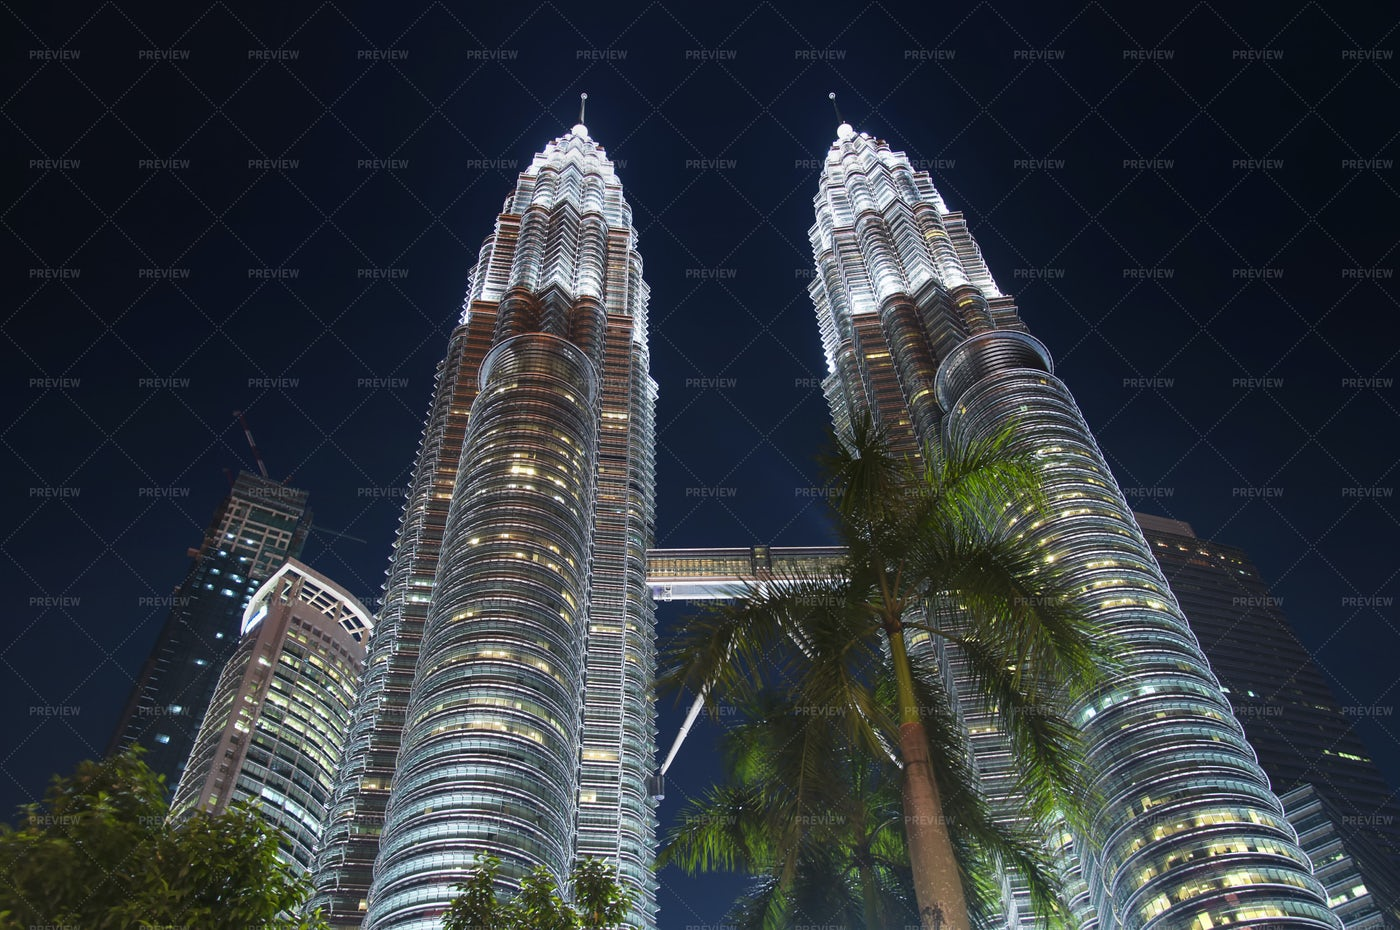 Petronas Towers Kuala Lumpur Night View: Stock Photos